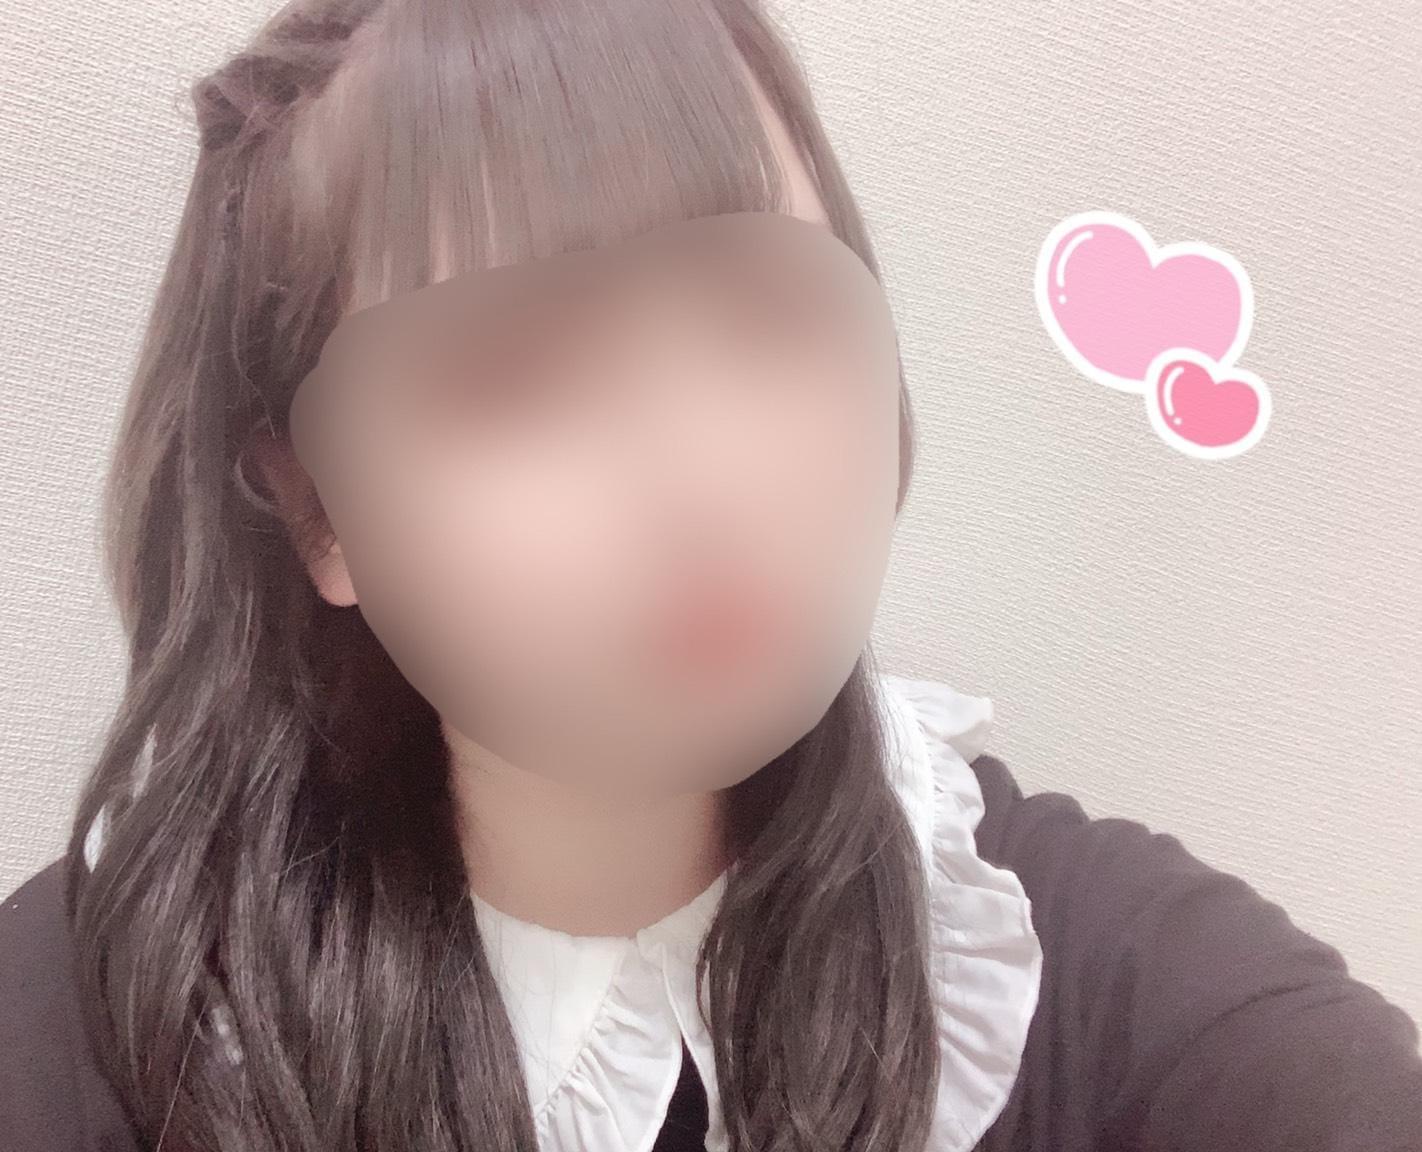 「待機中ฅ^•ω•^ฅ」03/28(03/28) 17:46 | かりん(ナース)の写メ・風俗動画